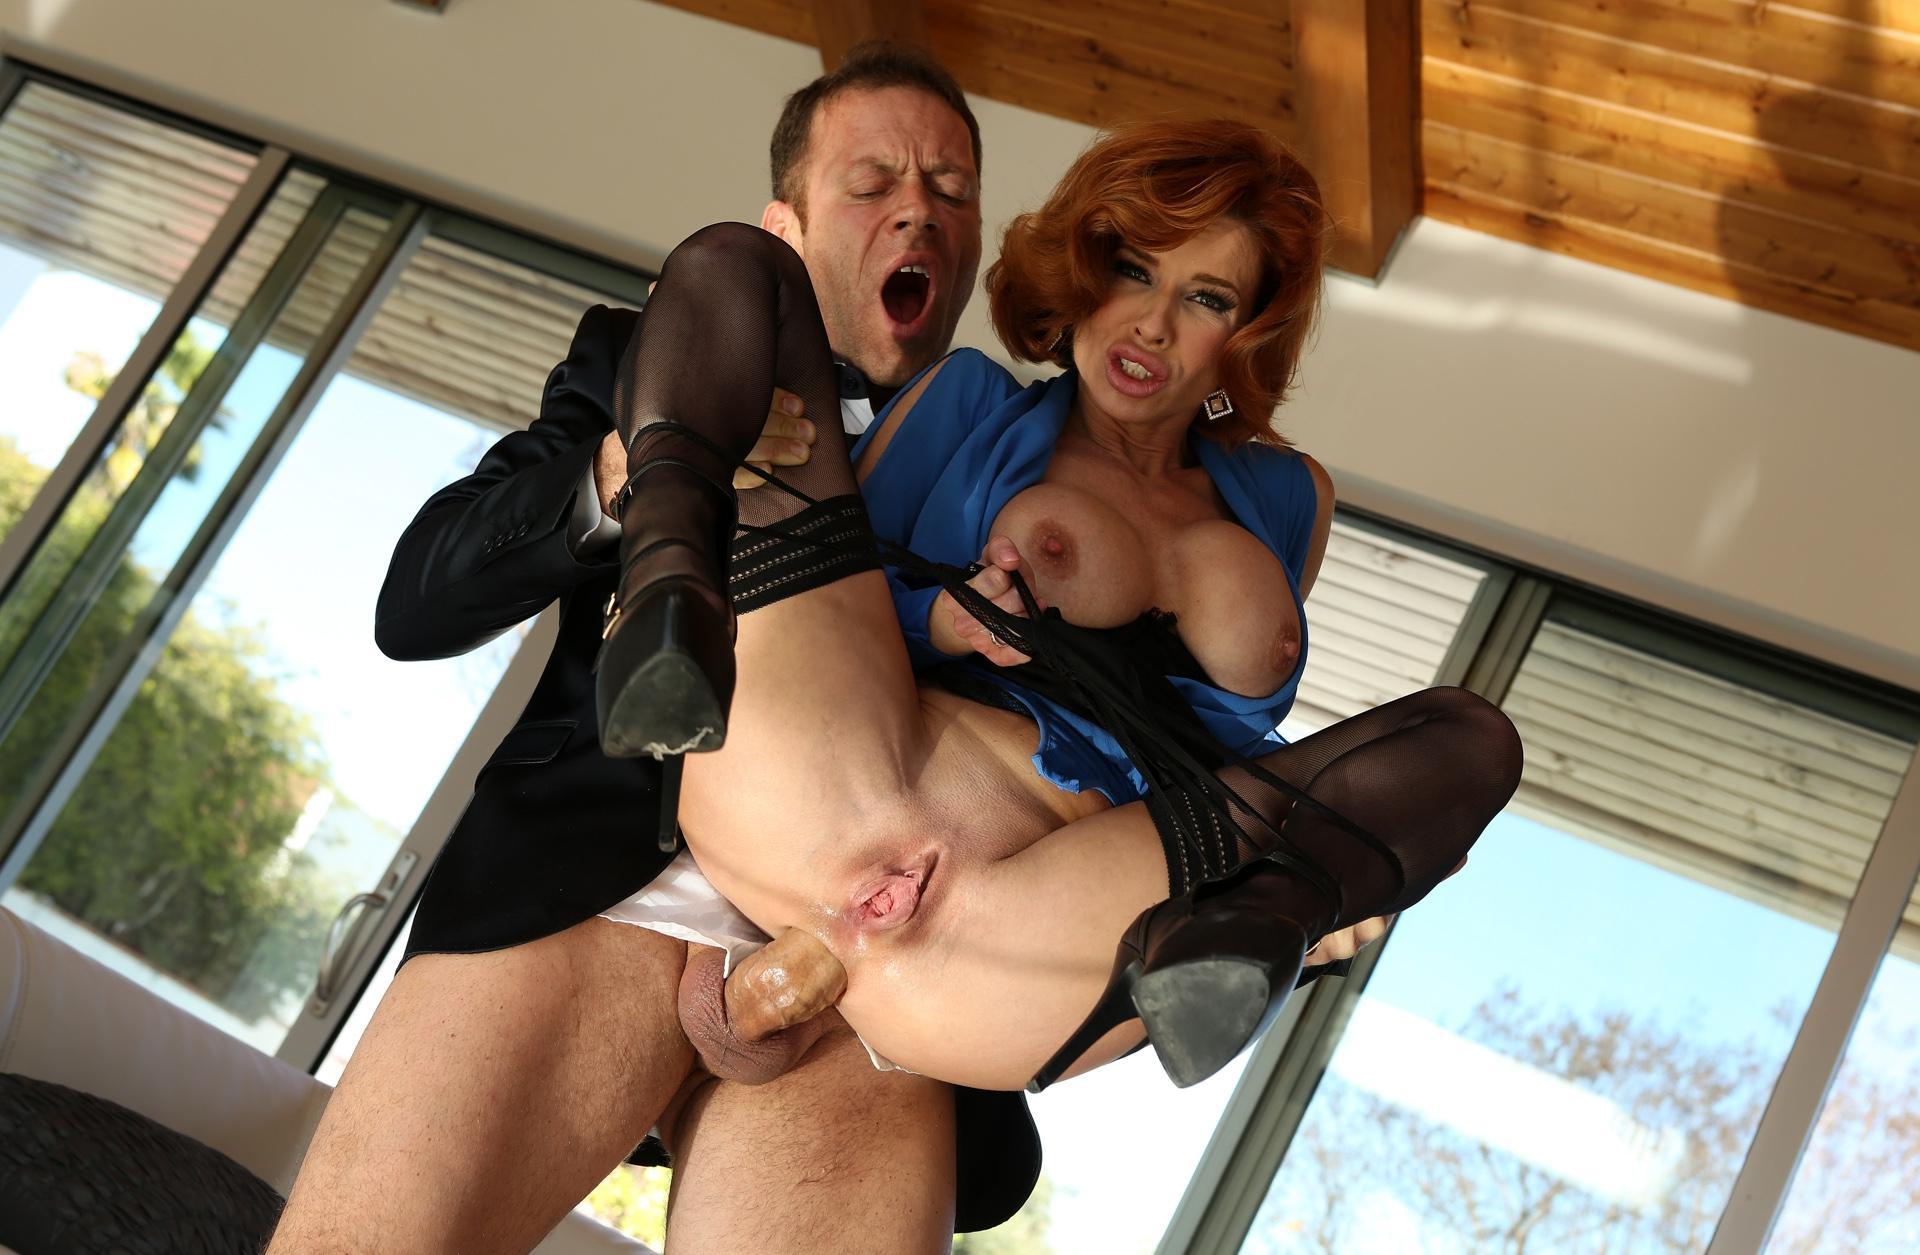 Вдовы шлюхи порно, порно фото больших задниц в колготках